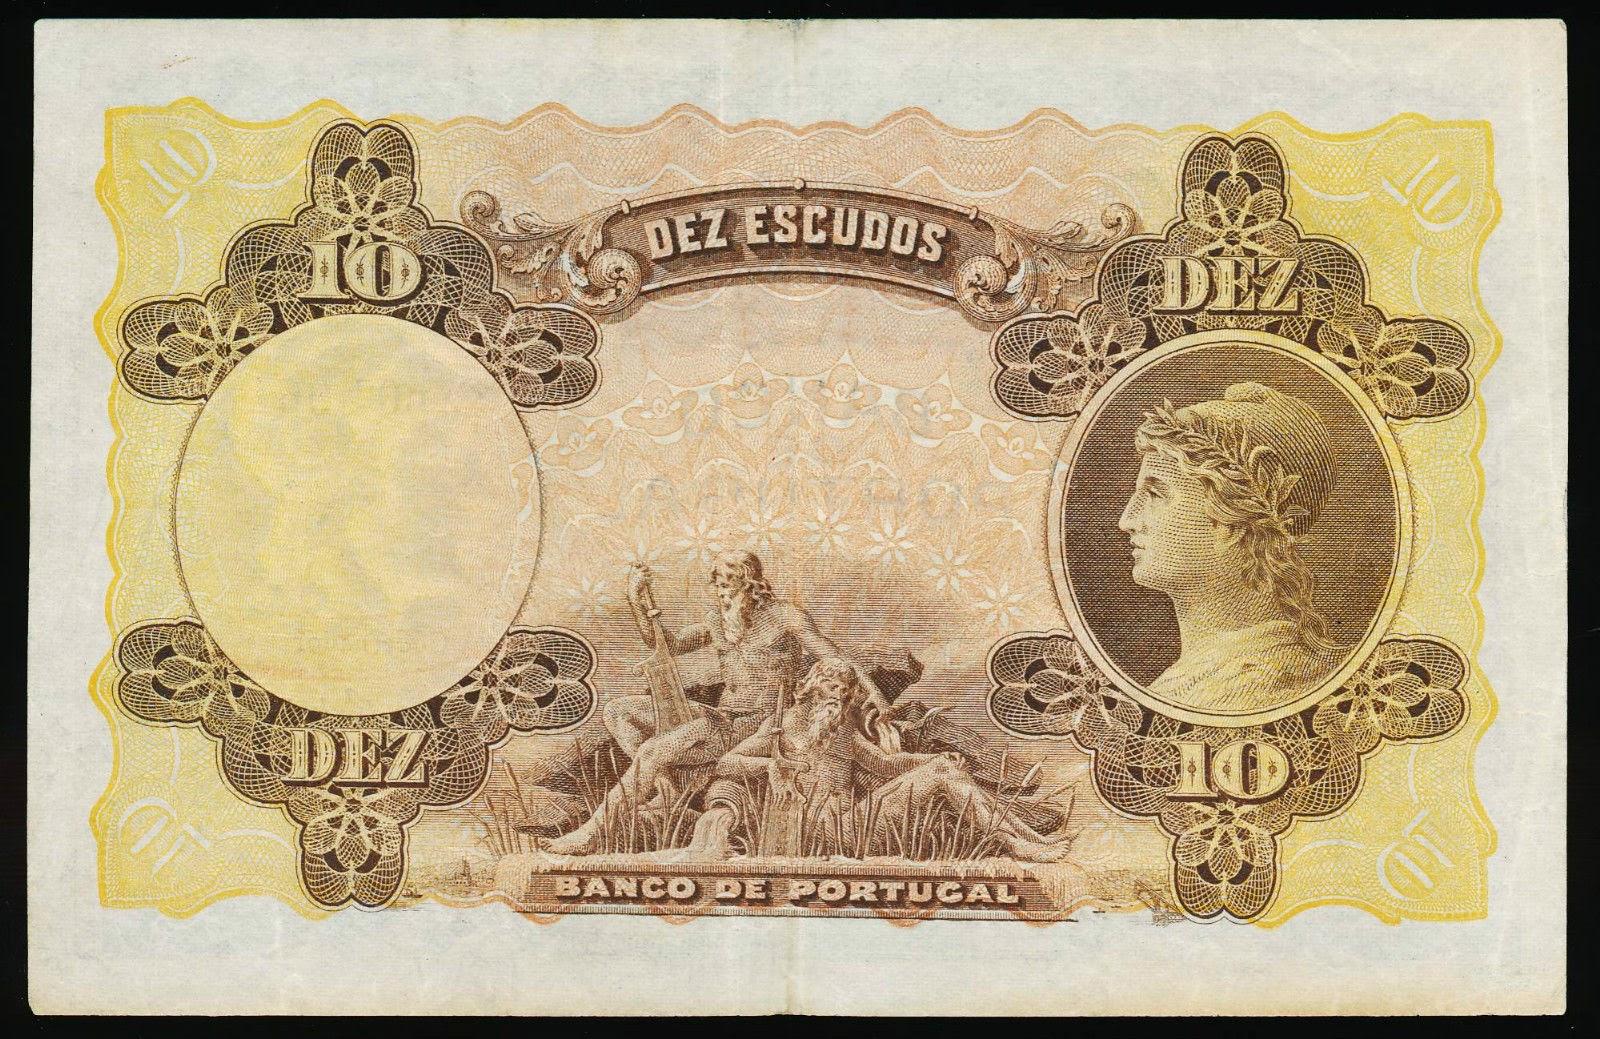 Portugal 10 Portuguese Escudos note of 1920